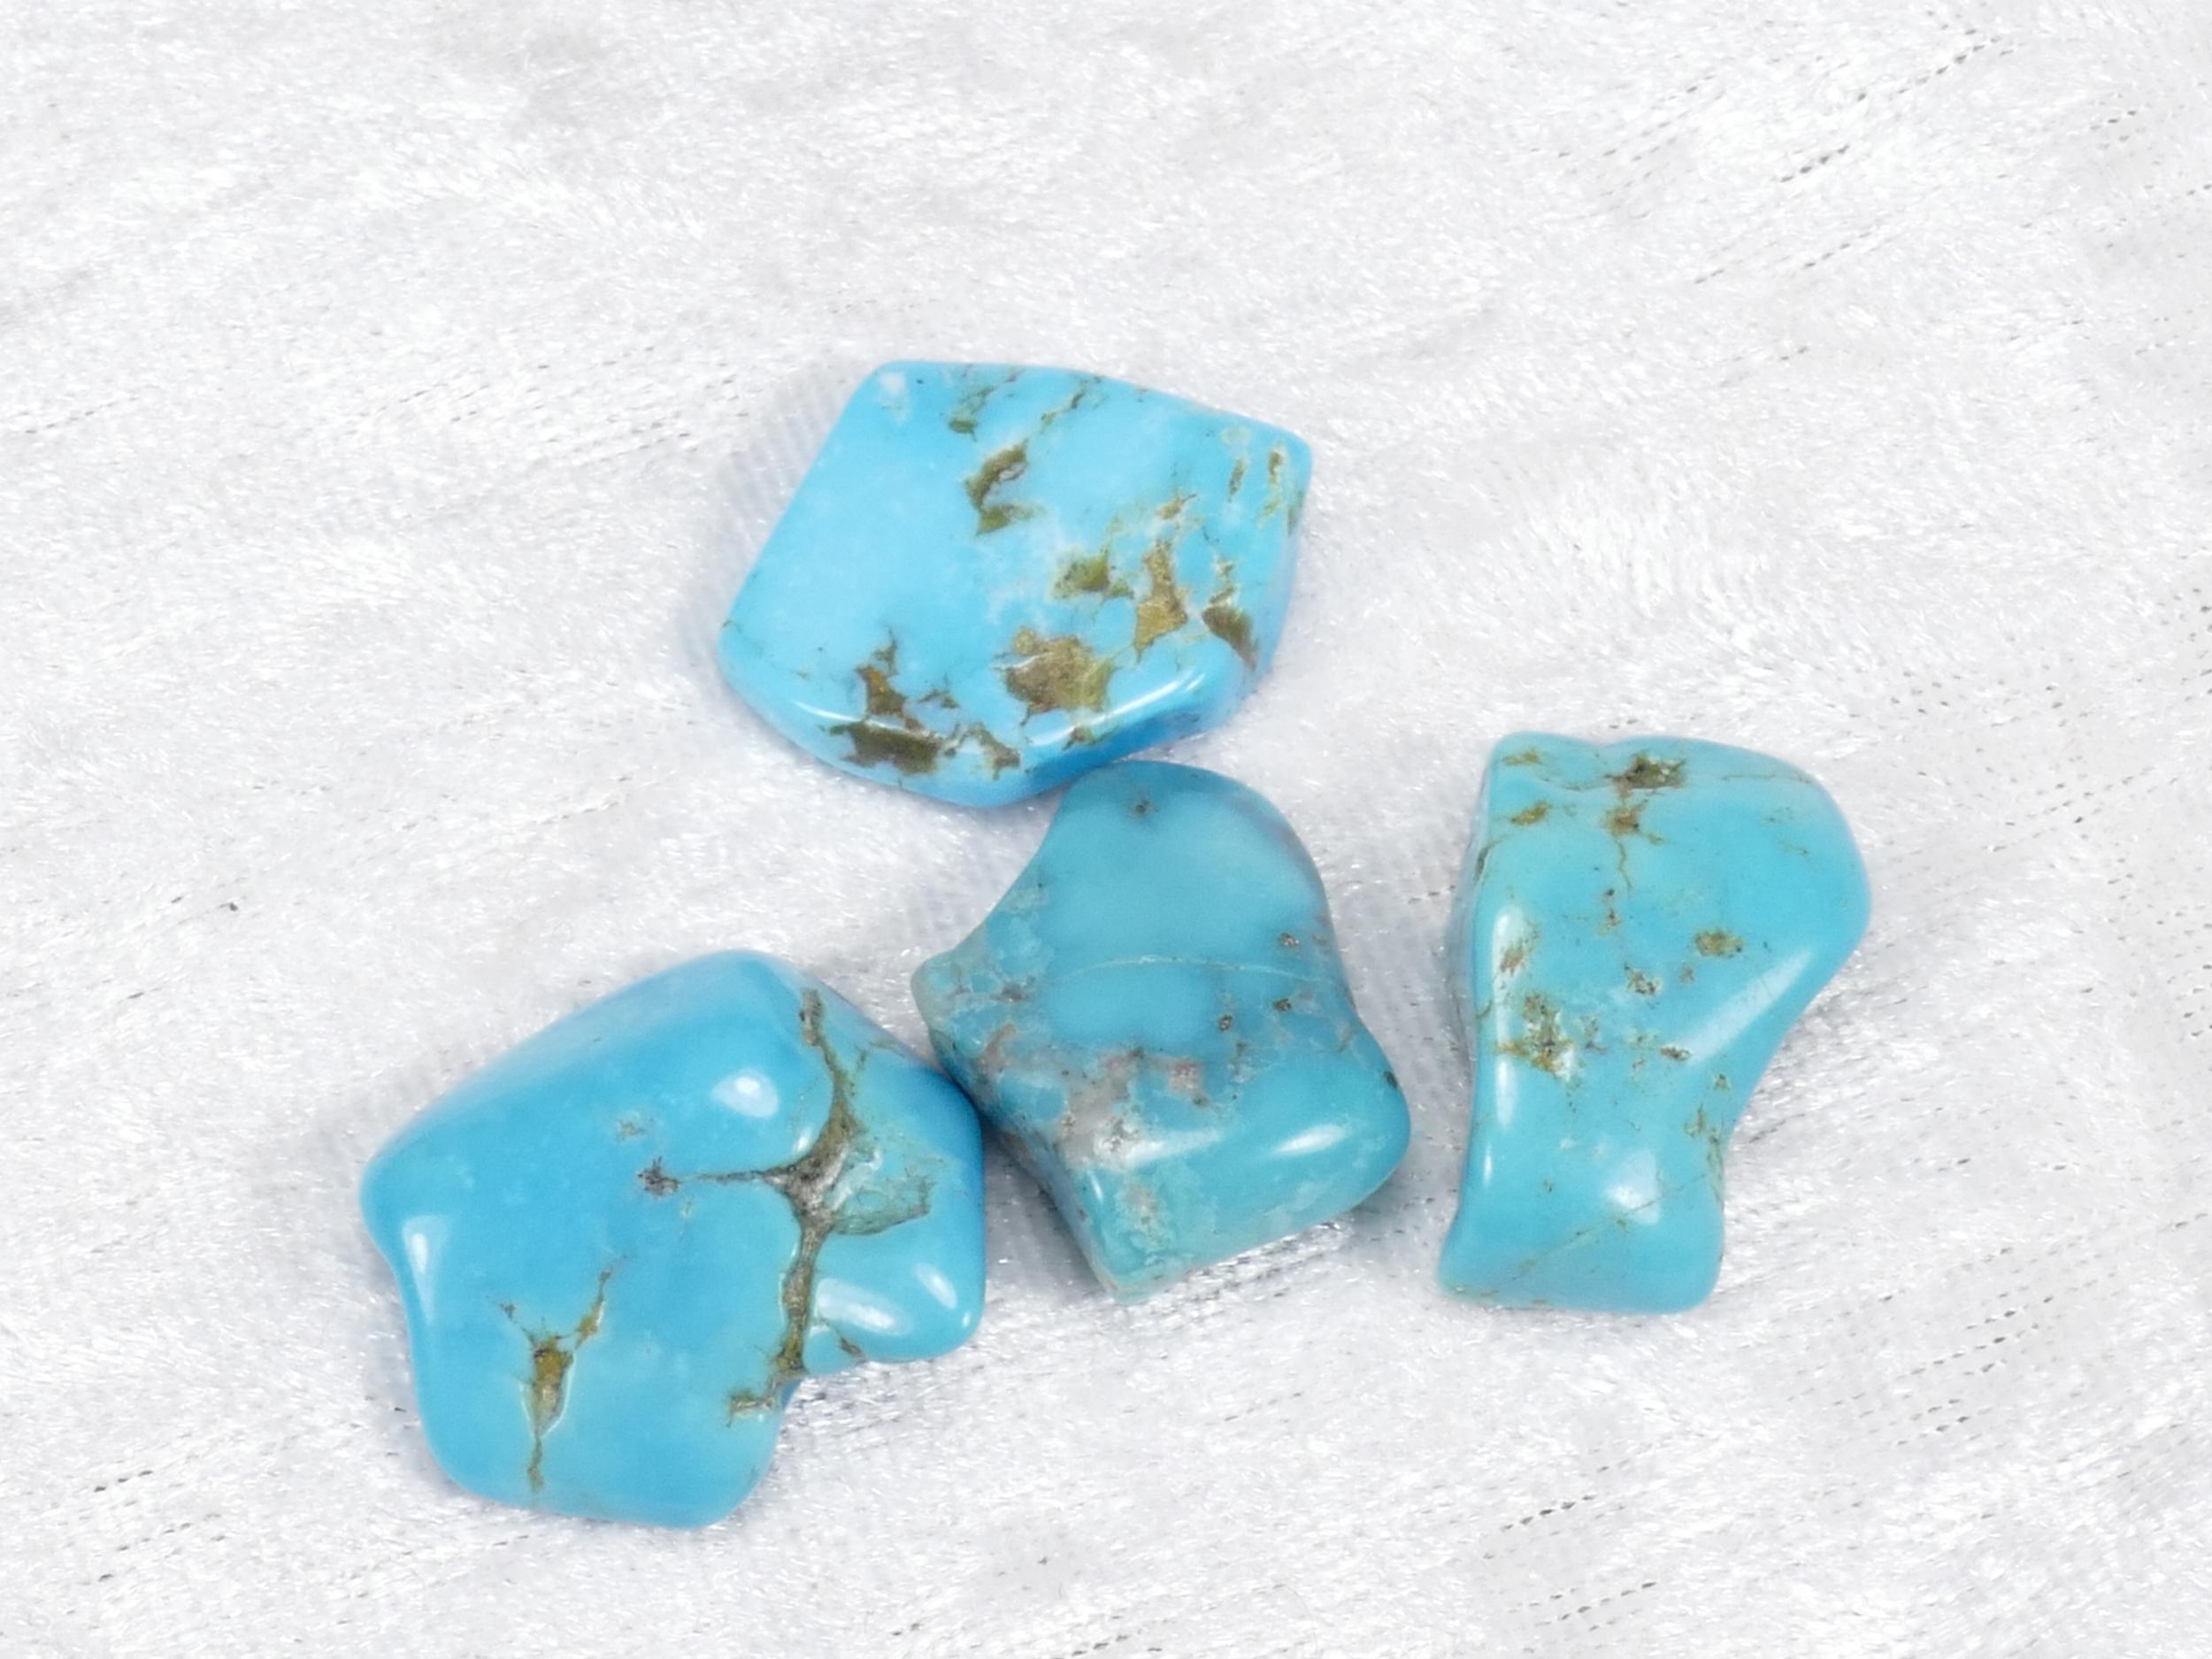 20-22mm 4 Turquoise naturelle en morceau roulé avec matrice 11.51g (#PM362)